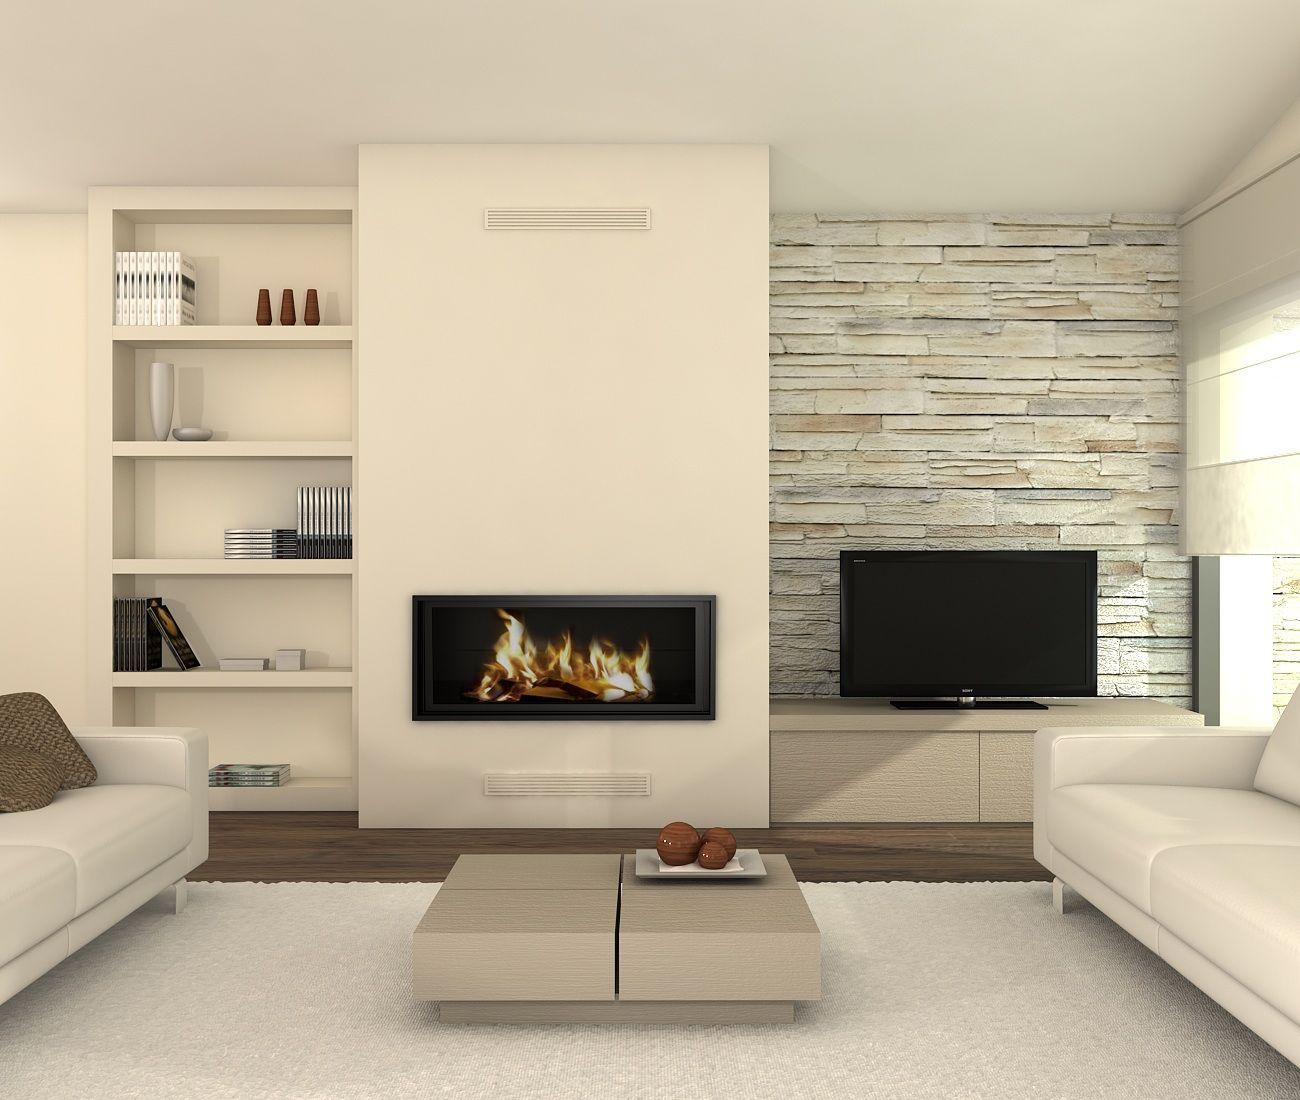 Sal n con chimenea moderno y precioso foyer for Salon completo moderno